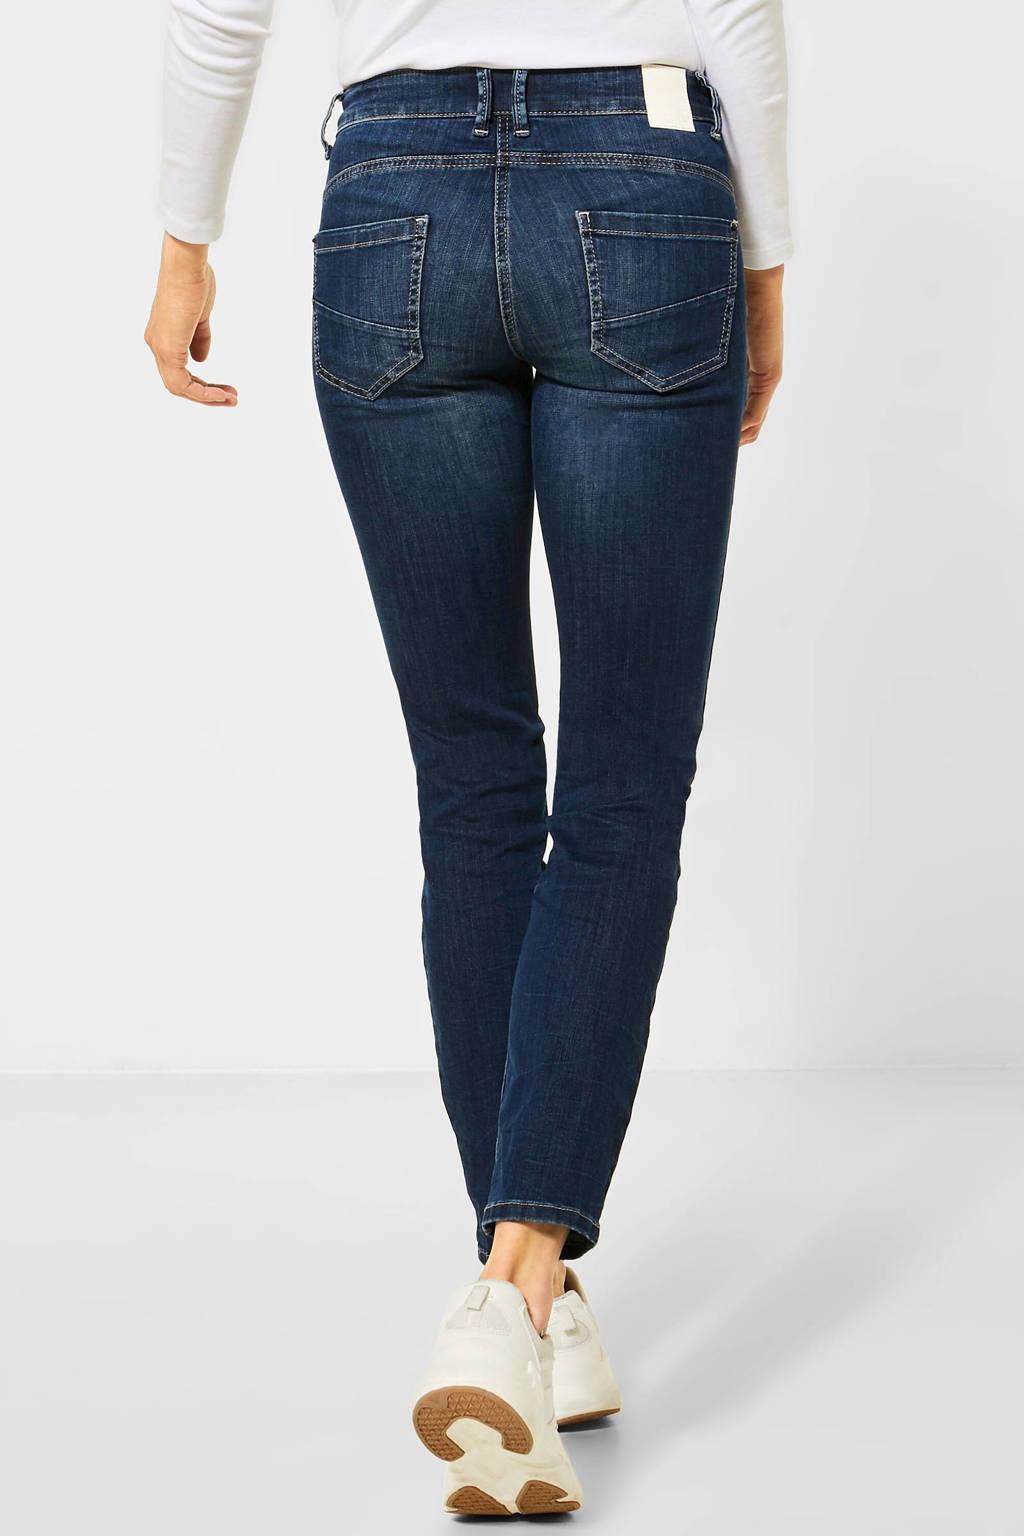 CECIL skinny jeans Charlize dark denim stonewashed, Dark denim stonewashed